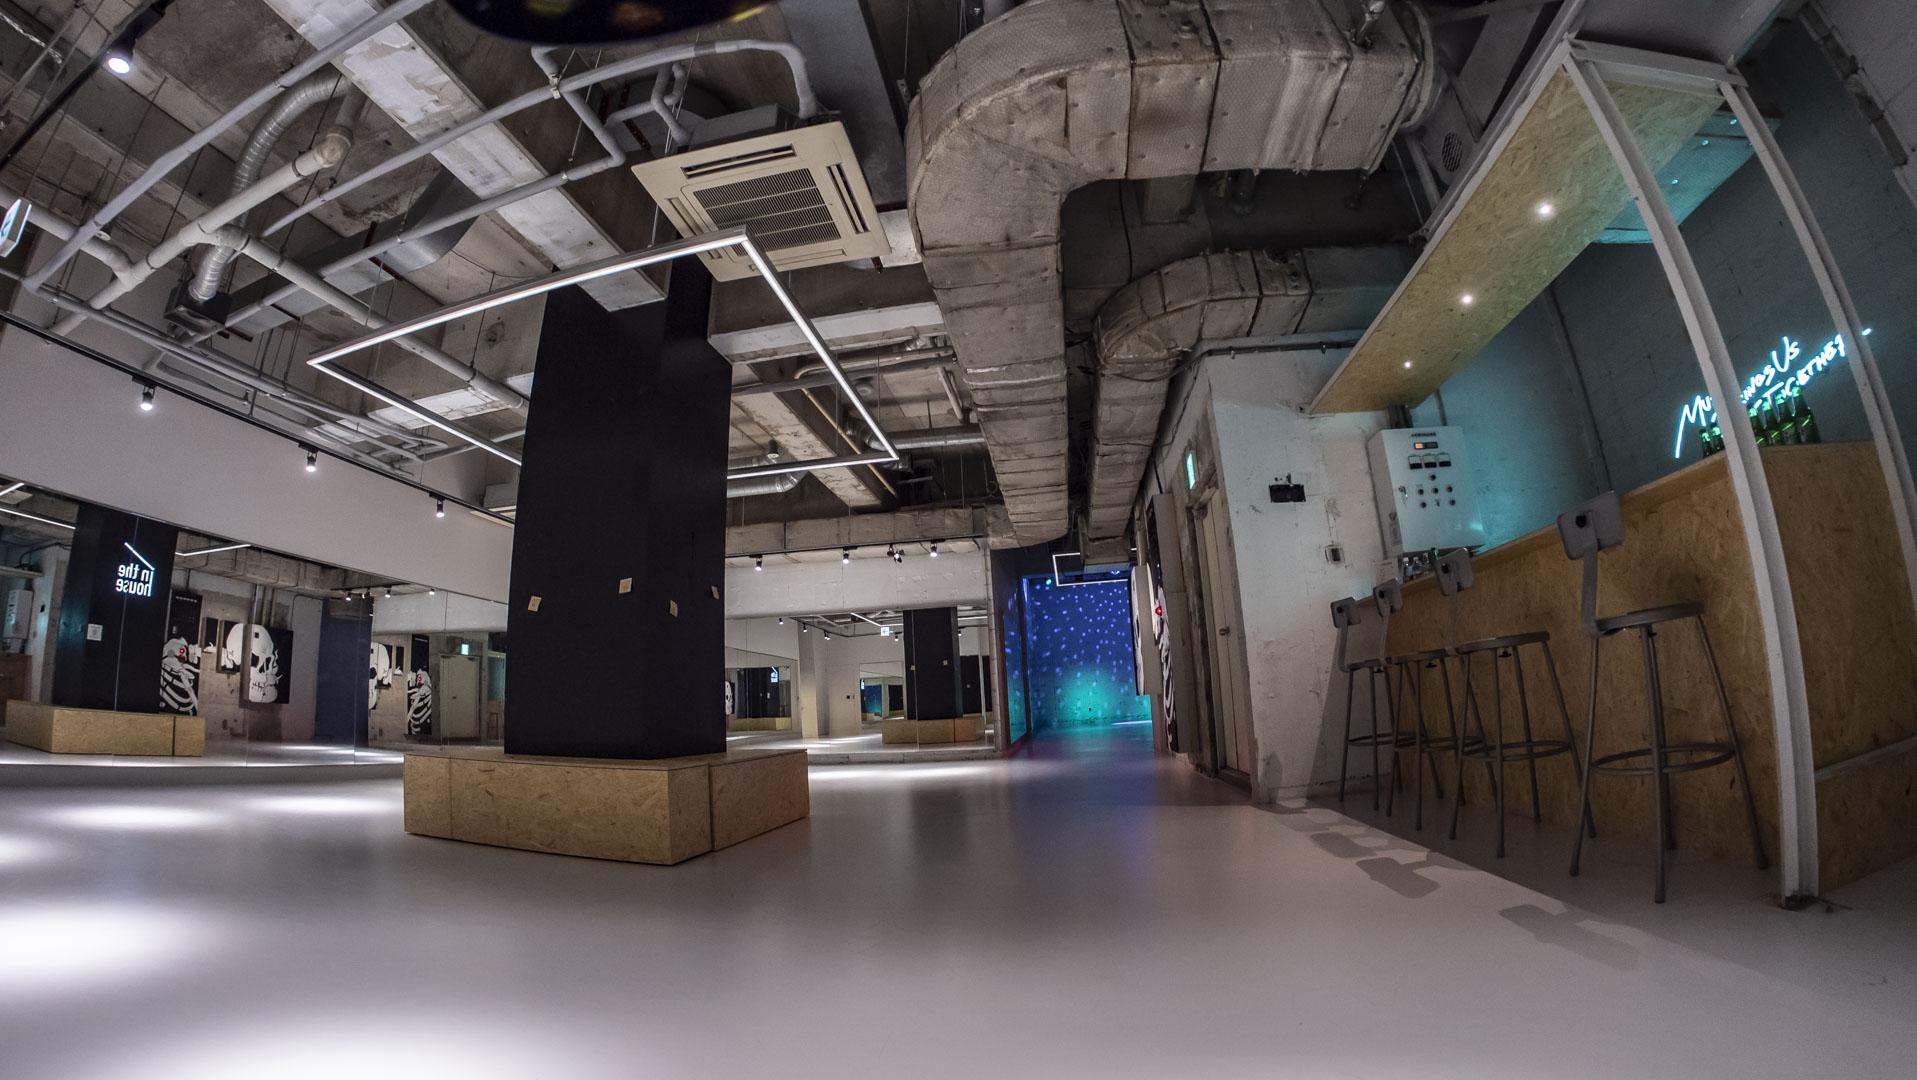 こちらのスペースはシェアスペースです。ご利用者さま同士、譲り合ってご利用ください - StreetDancePark 【2】深夜PARK 20時~の室内の写真